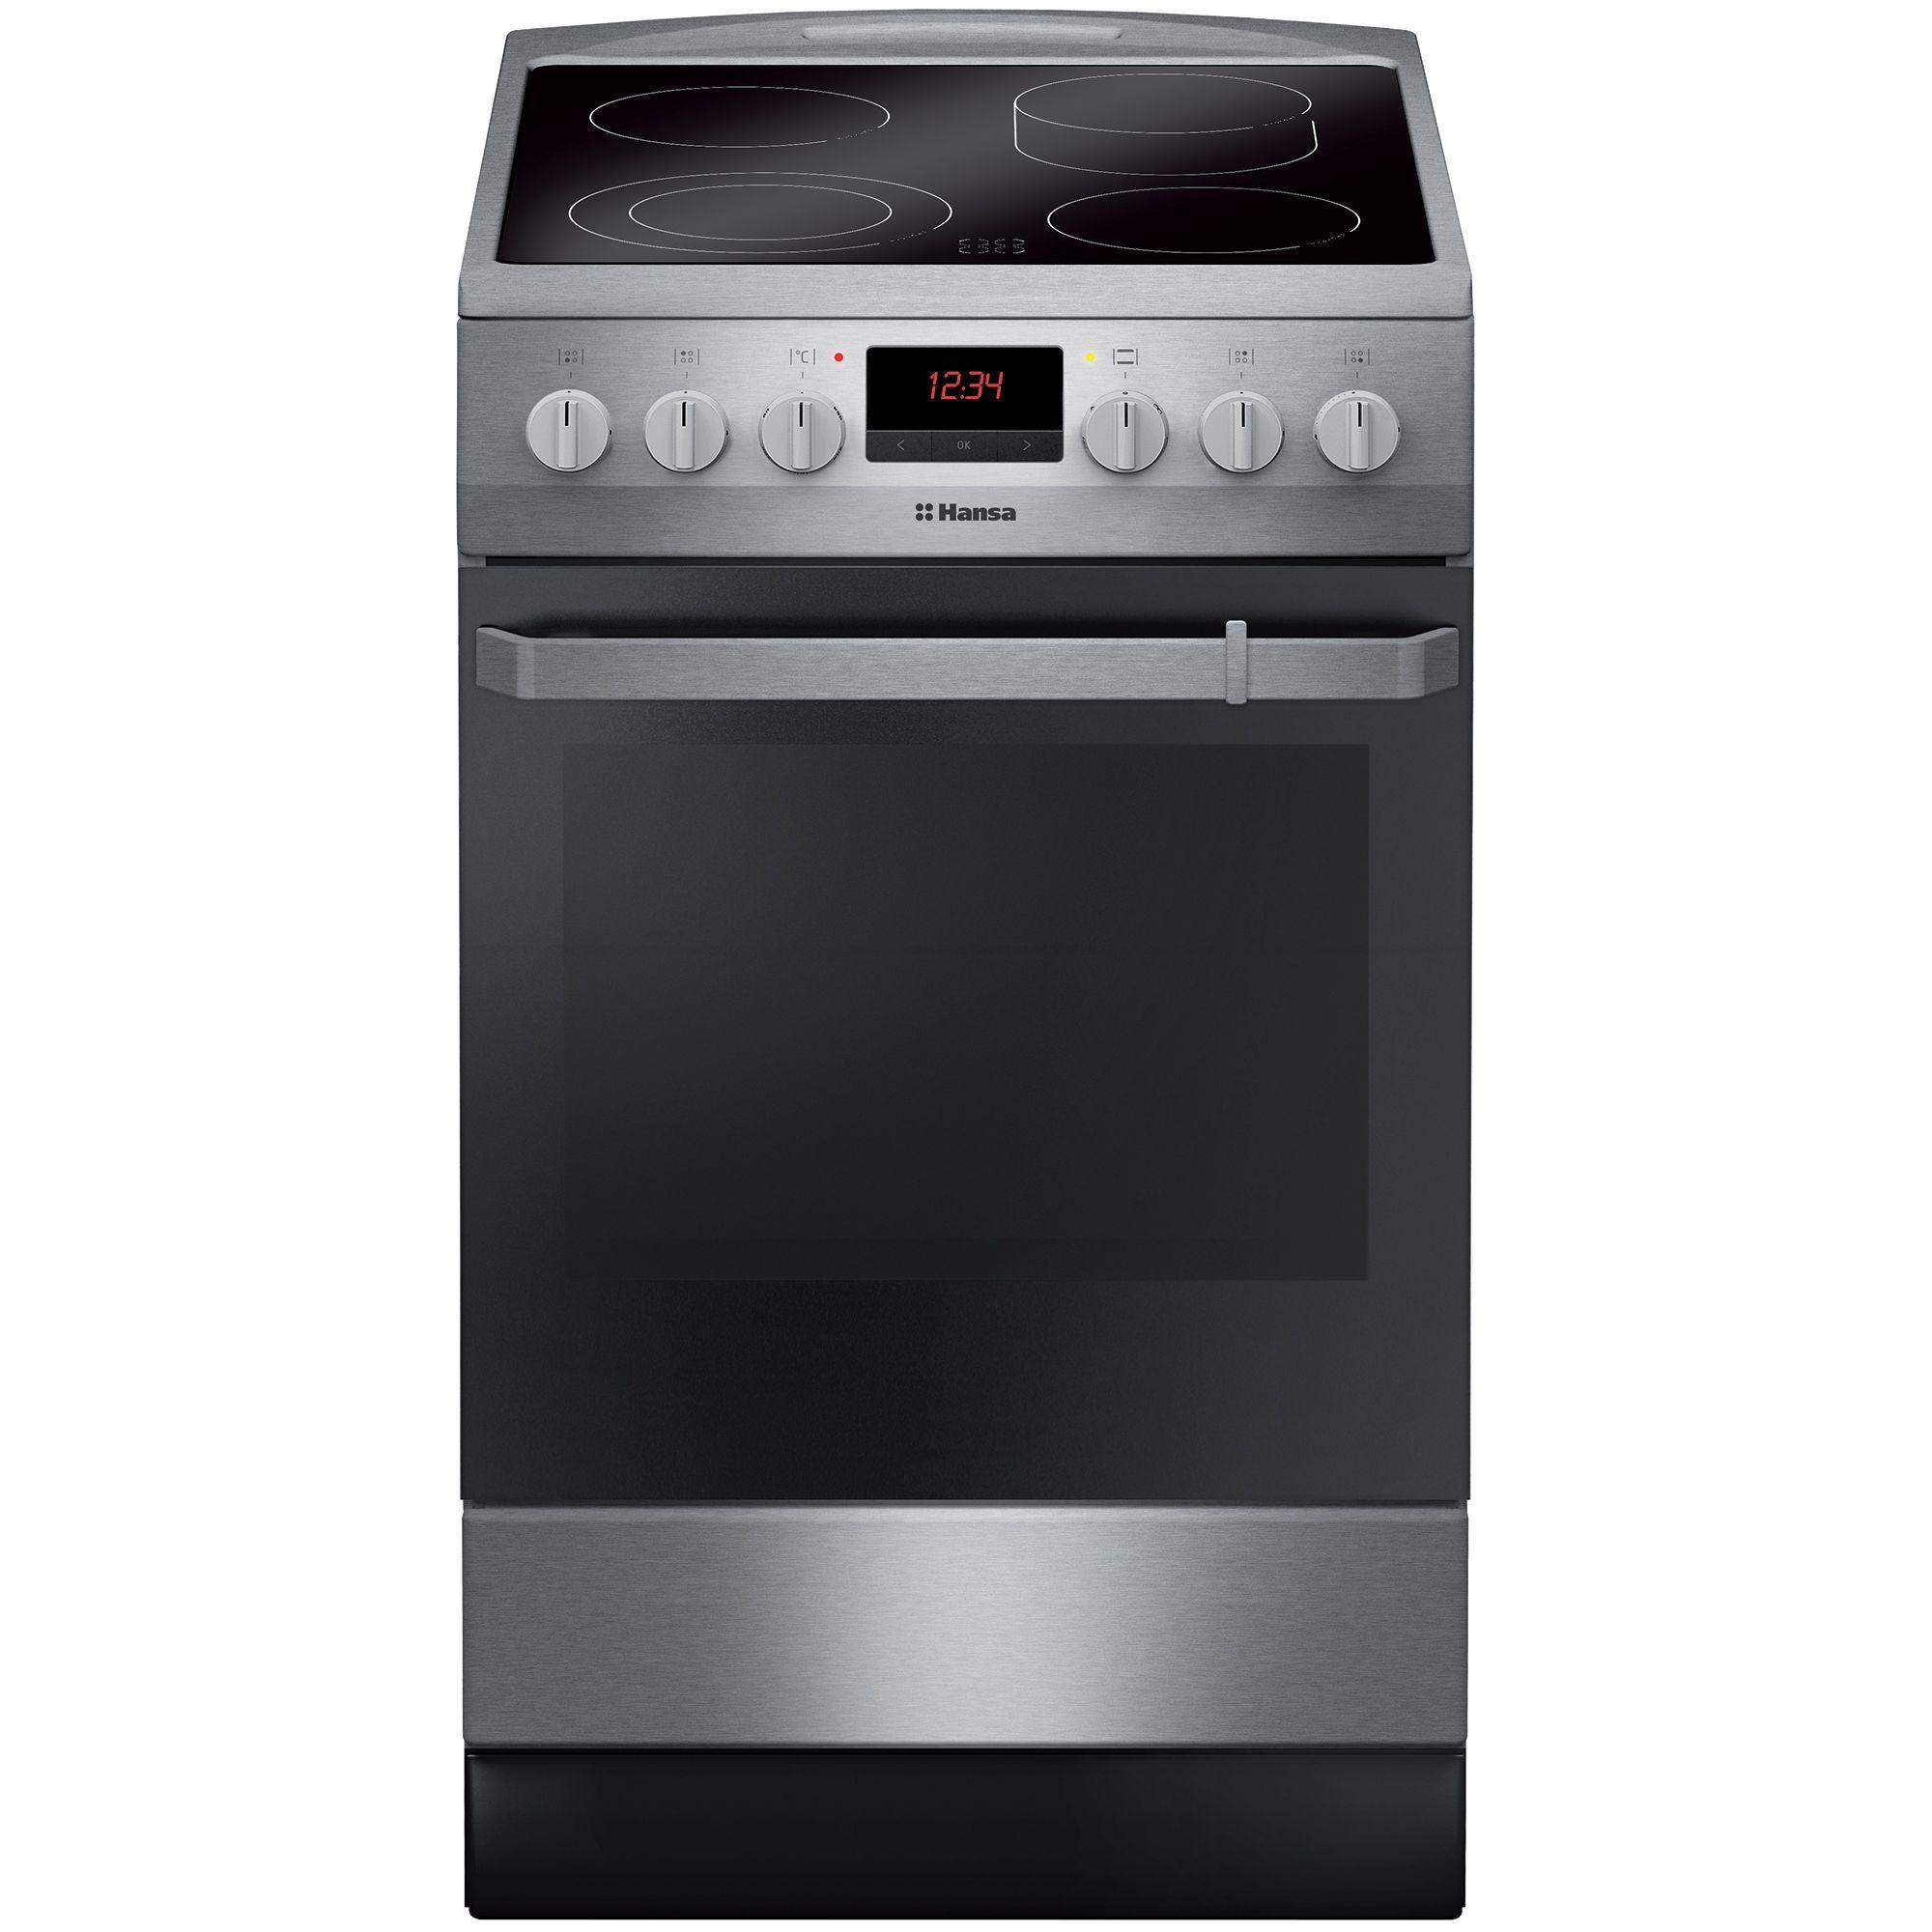 Електрическа готварска печка Hansa FCCX59129, 4 Нагревателни зони, Функция грил, Клас A, Инокс